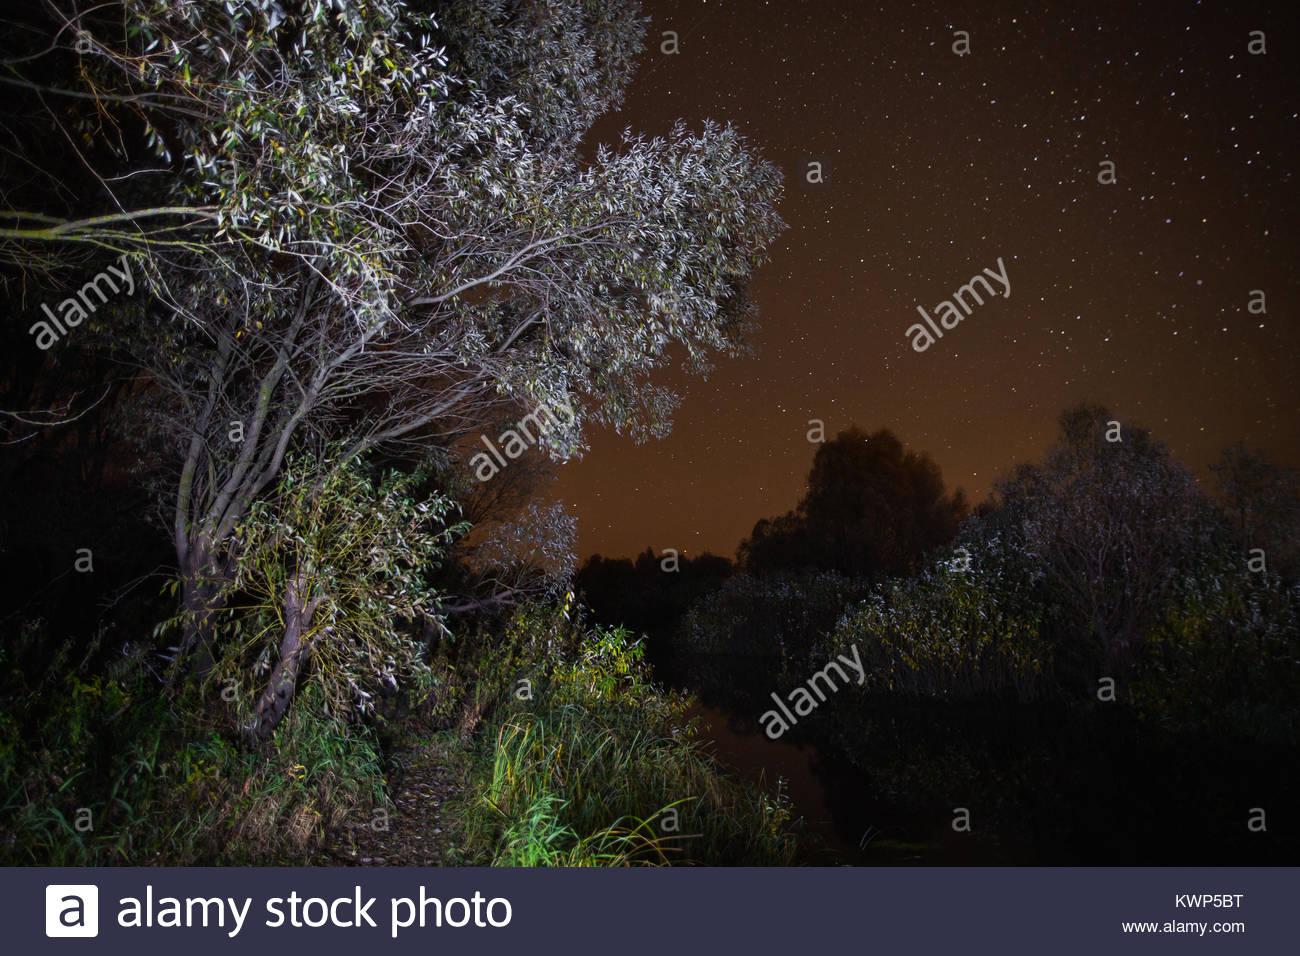 Großartig Sternenklare Nacht Färbung Seite Fotos - Malvorlagen Von ...